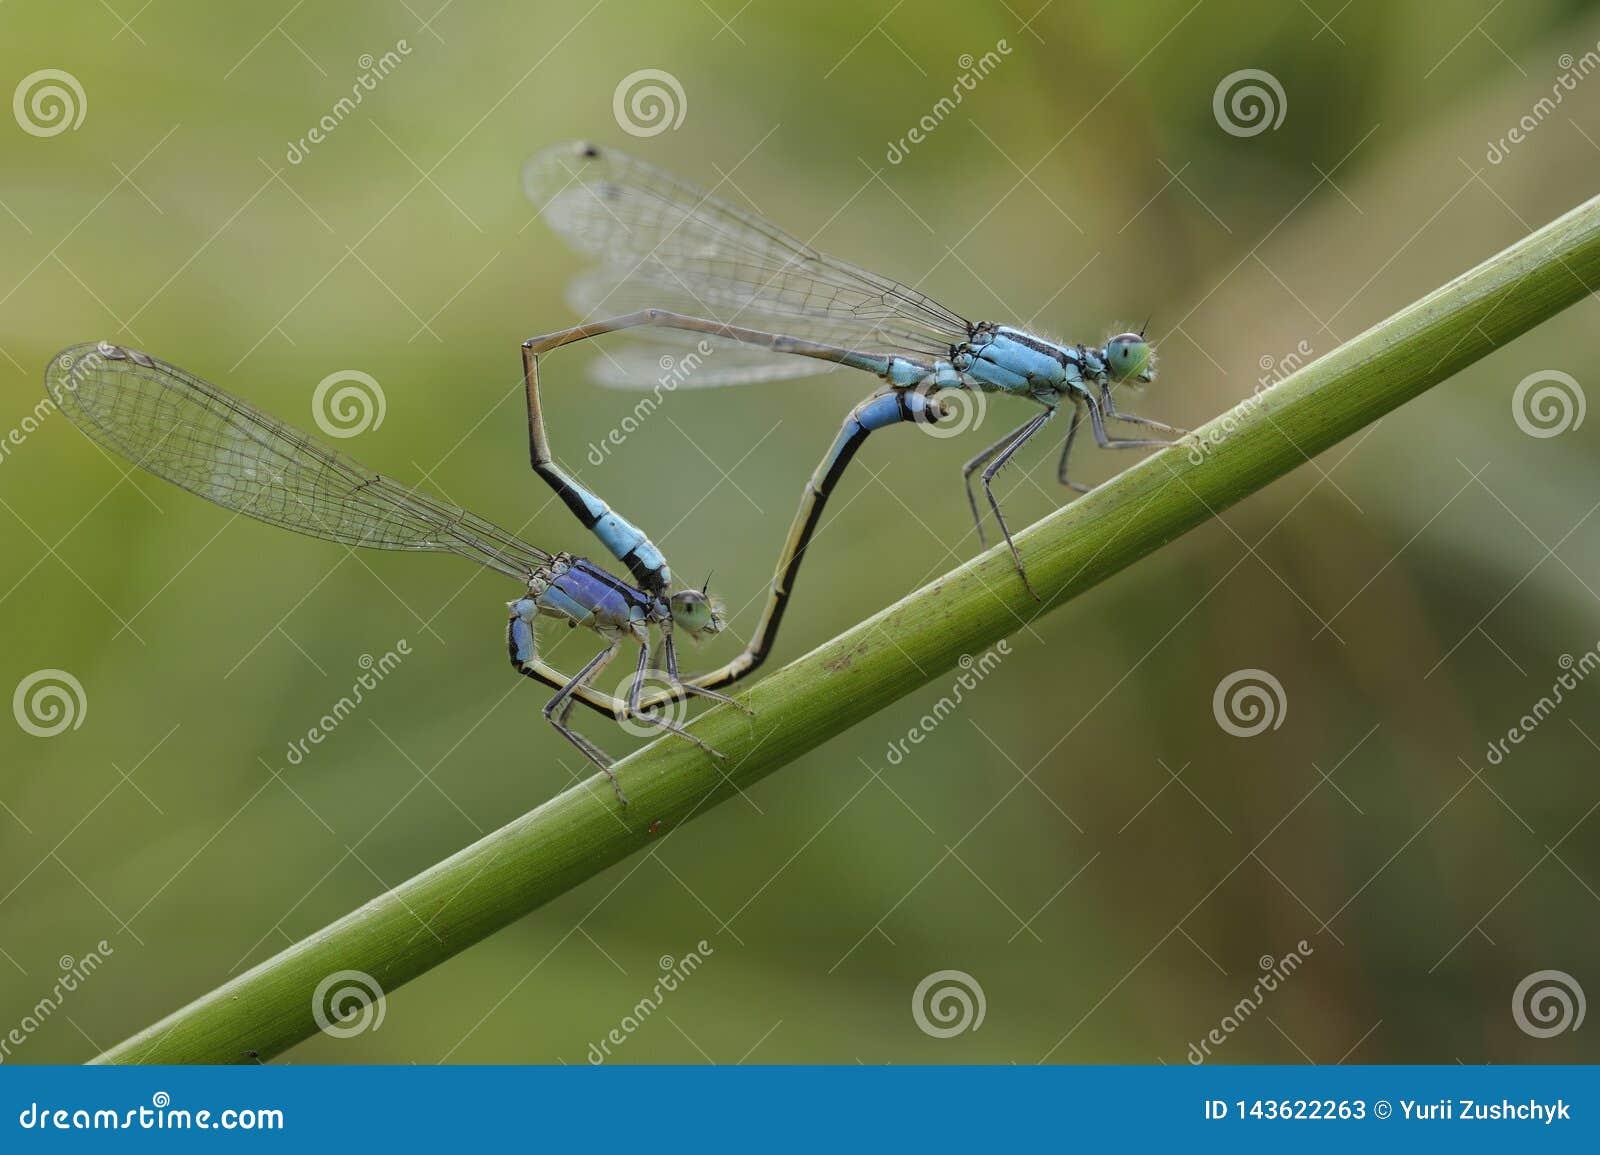 青被盯梢的蜻蜓,Ischnura elegans,联接在植物词根